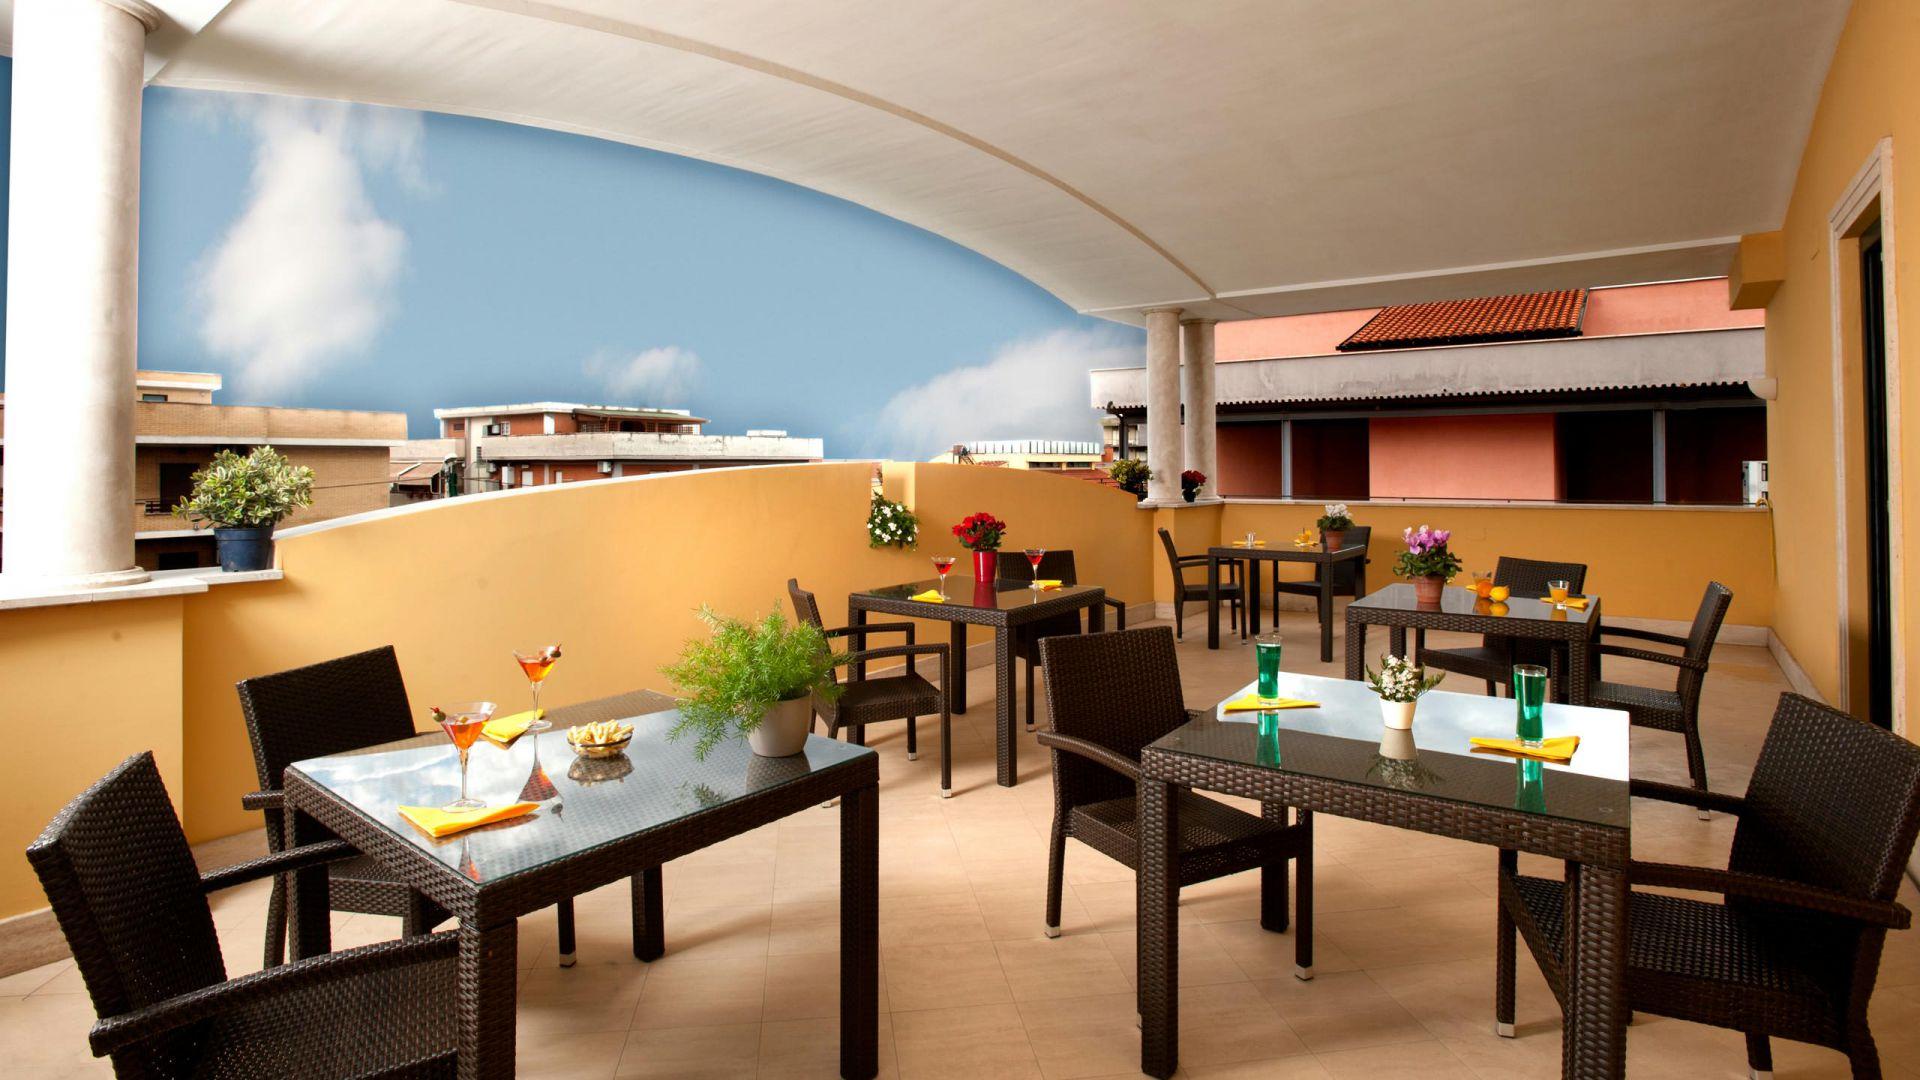 oc-hotel-villa-adriana-external-004